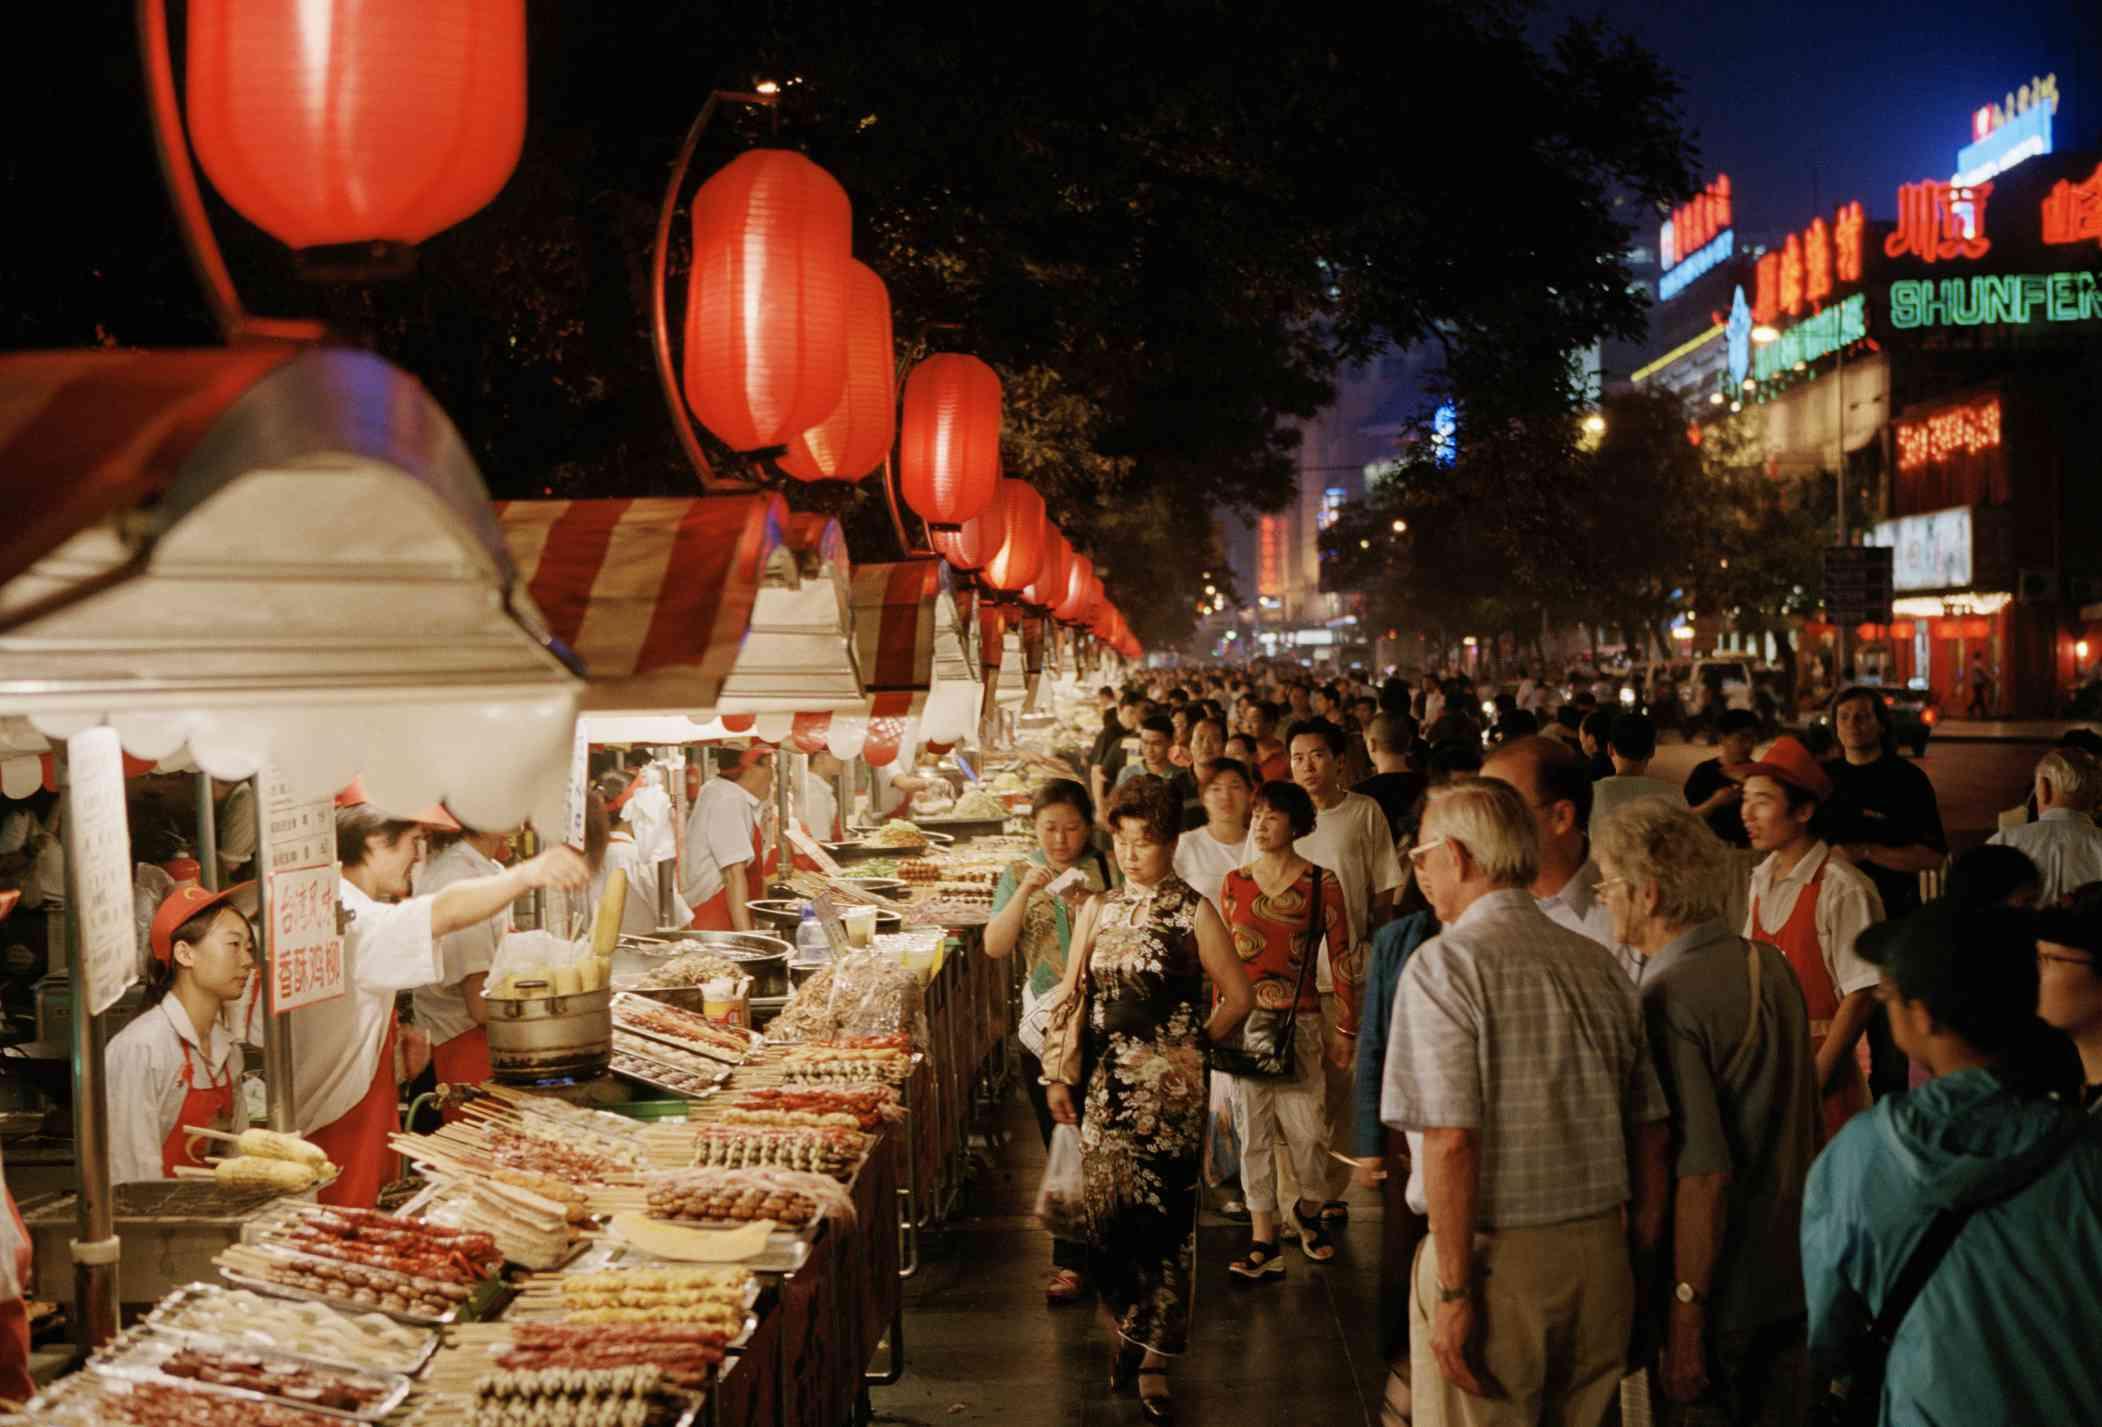 Night Life on Wangfujing Street